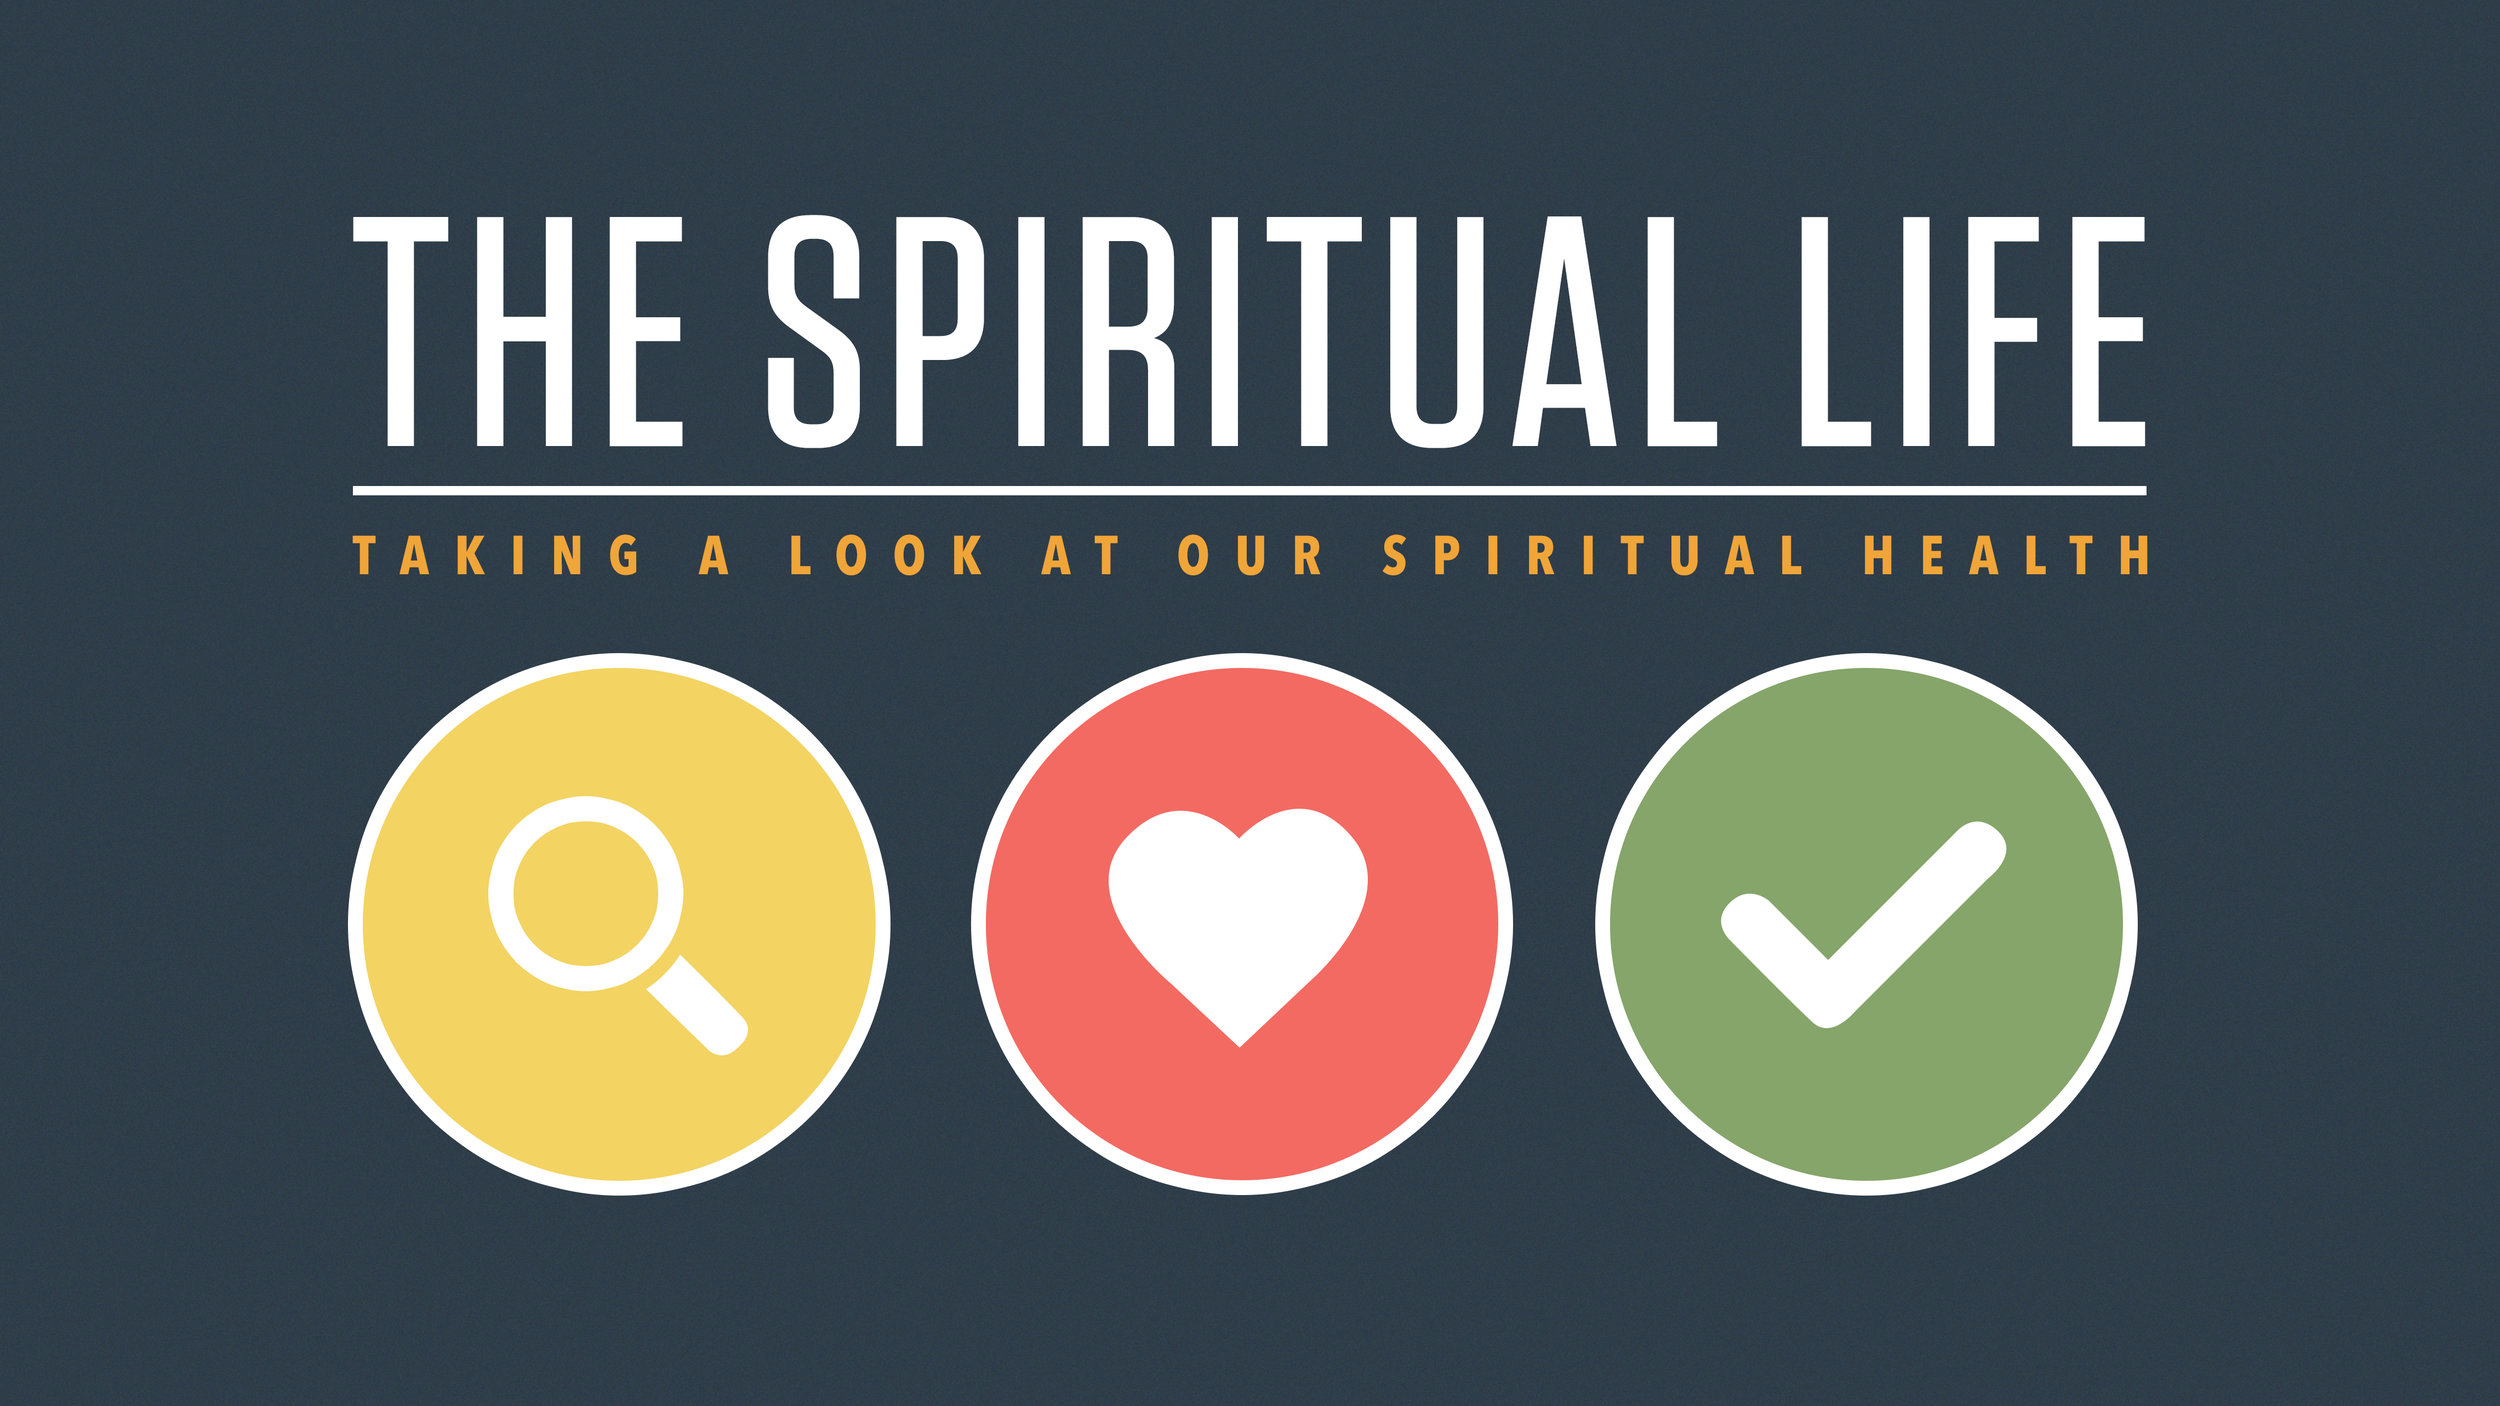 TheSpiritualLife - Full.jpg